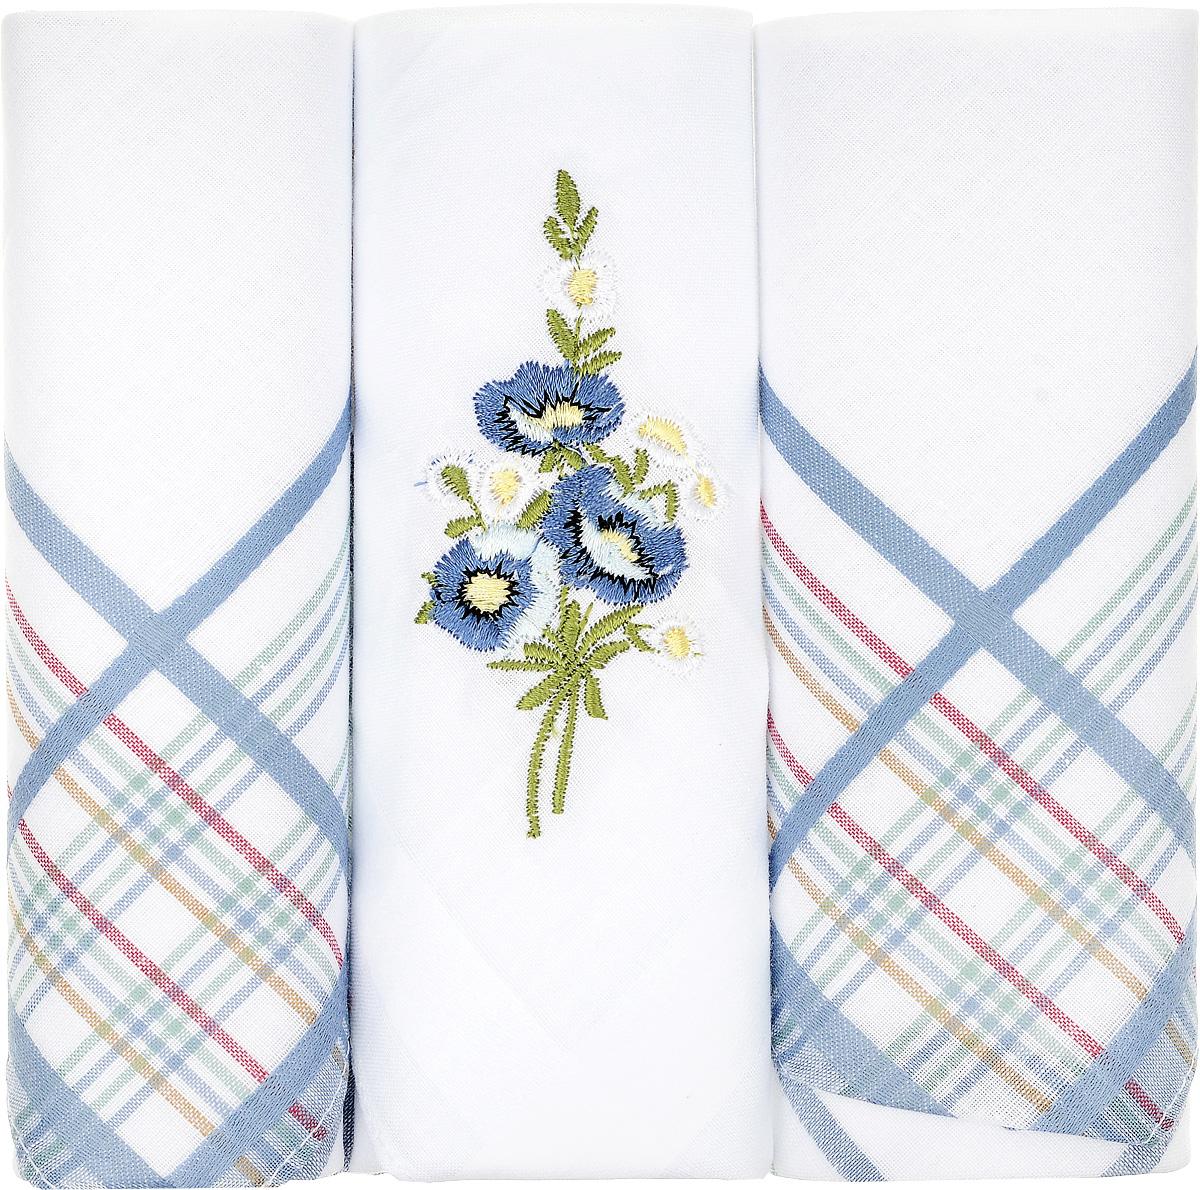 Платок носовой женский Zlata Korunka, цвет: белый, синий, 3 шт. 90329-51. Размер 29 см х 29 см90329-51Небольшой женский носовой платок Zlata Korunka изготовлен из высококачественного натурального хлопка, благодаря чему приятен в использовании, хорошо стирается, не садится и отлично впитывает влагу. Практичный и изящный носовой платок будет незаменим в повседневной жизни любого современного человека. Такой платок послужит стильным аксессуаром и подчеркнет ваше превосходное чувство вкуса. В комплекте 3 платка.